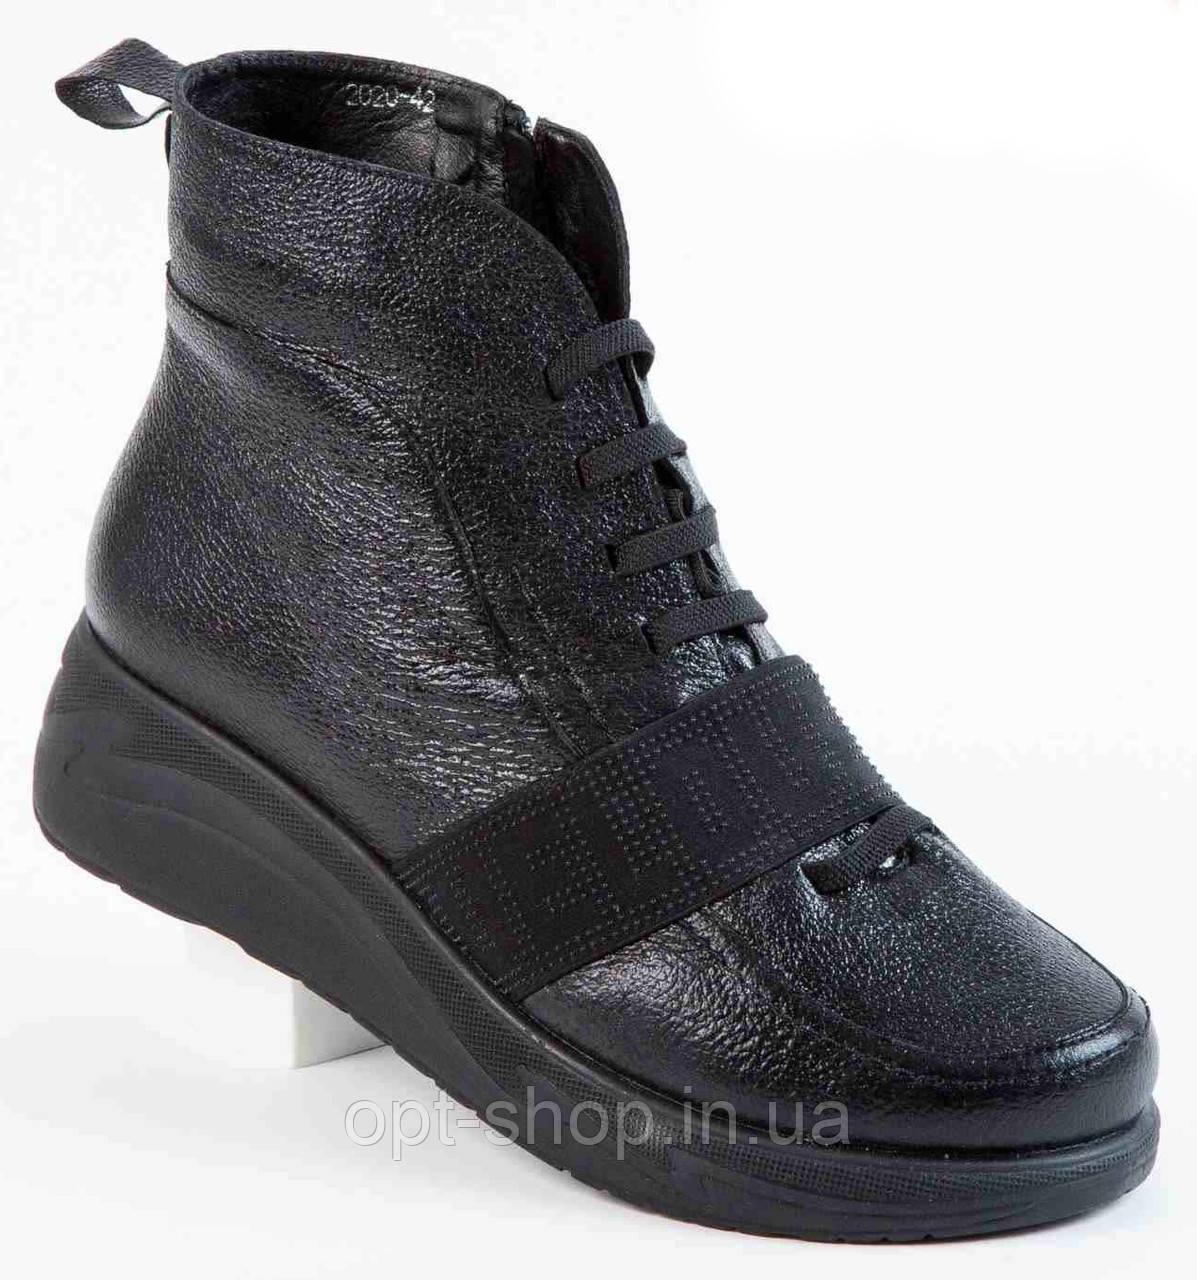 Ботинки женские осенние демисезонные кожаные большого размера от производителя